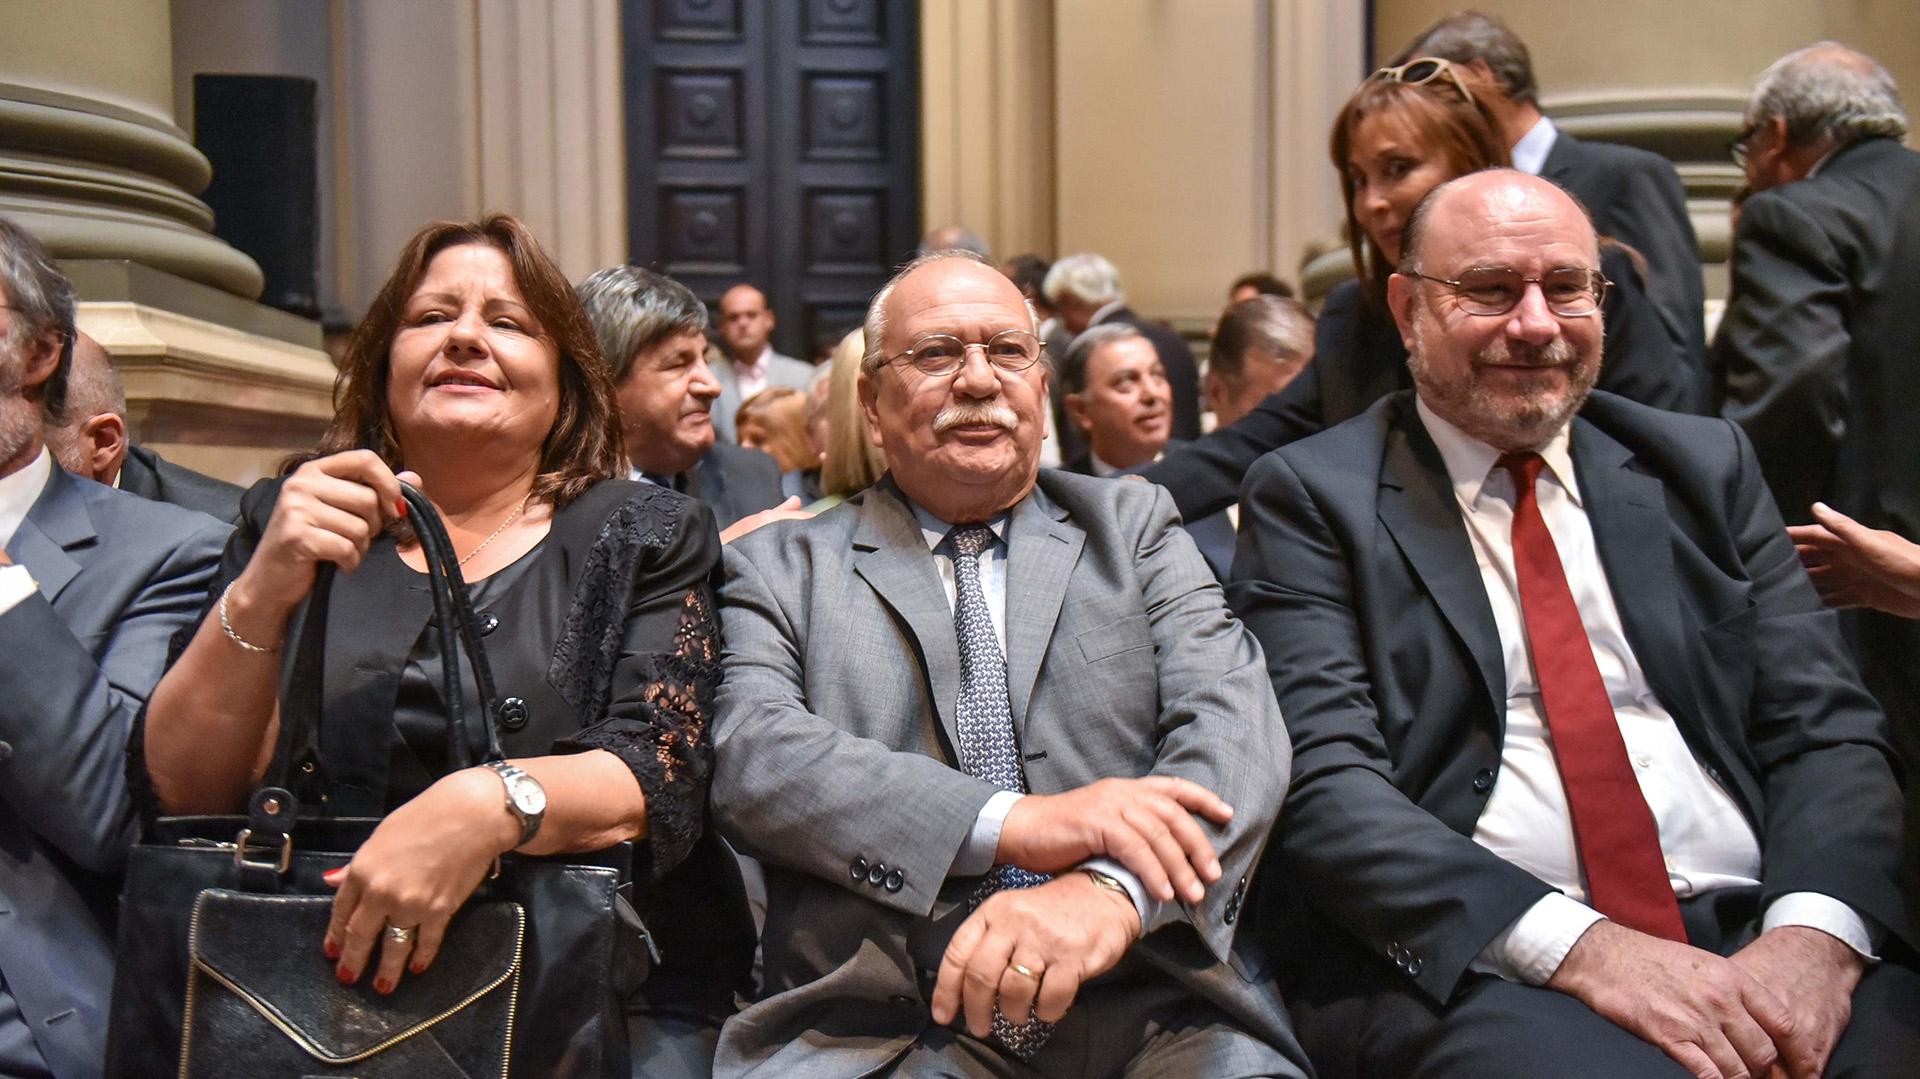 Adriana Donato, Luis María Cabral, y el presidente del Consejo de la Magistratura, Miguel Piedecasas